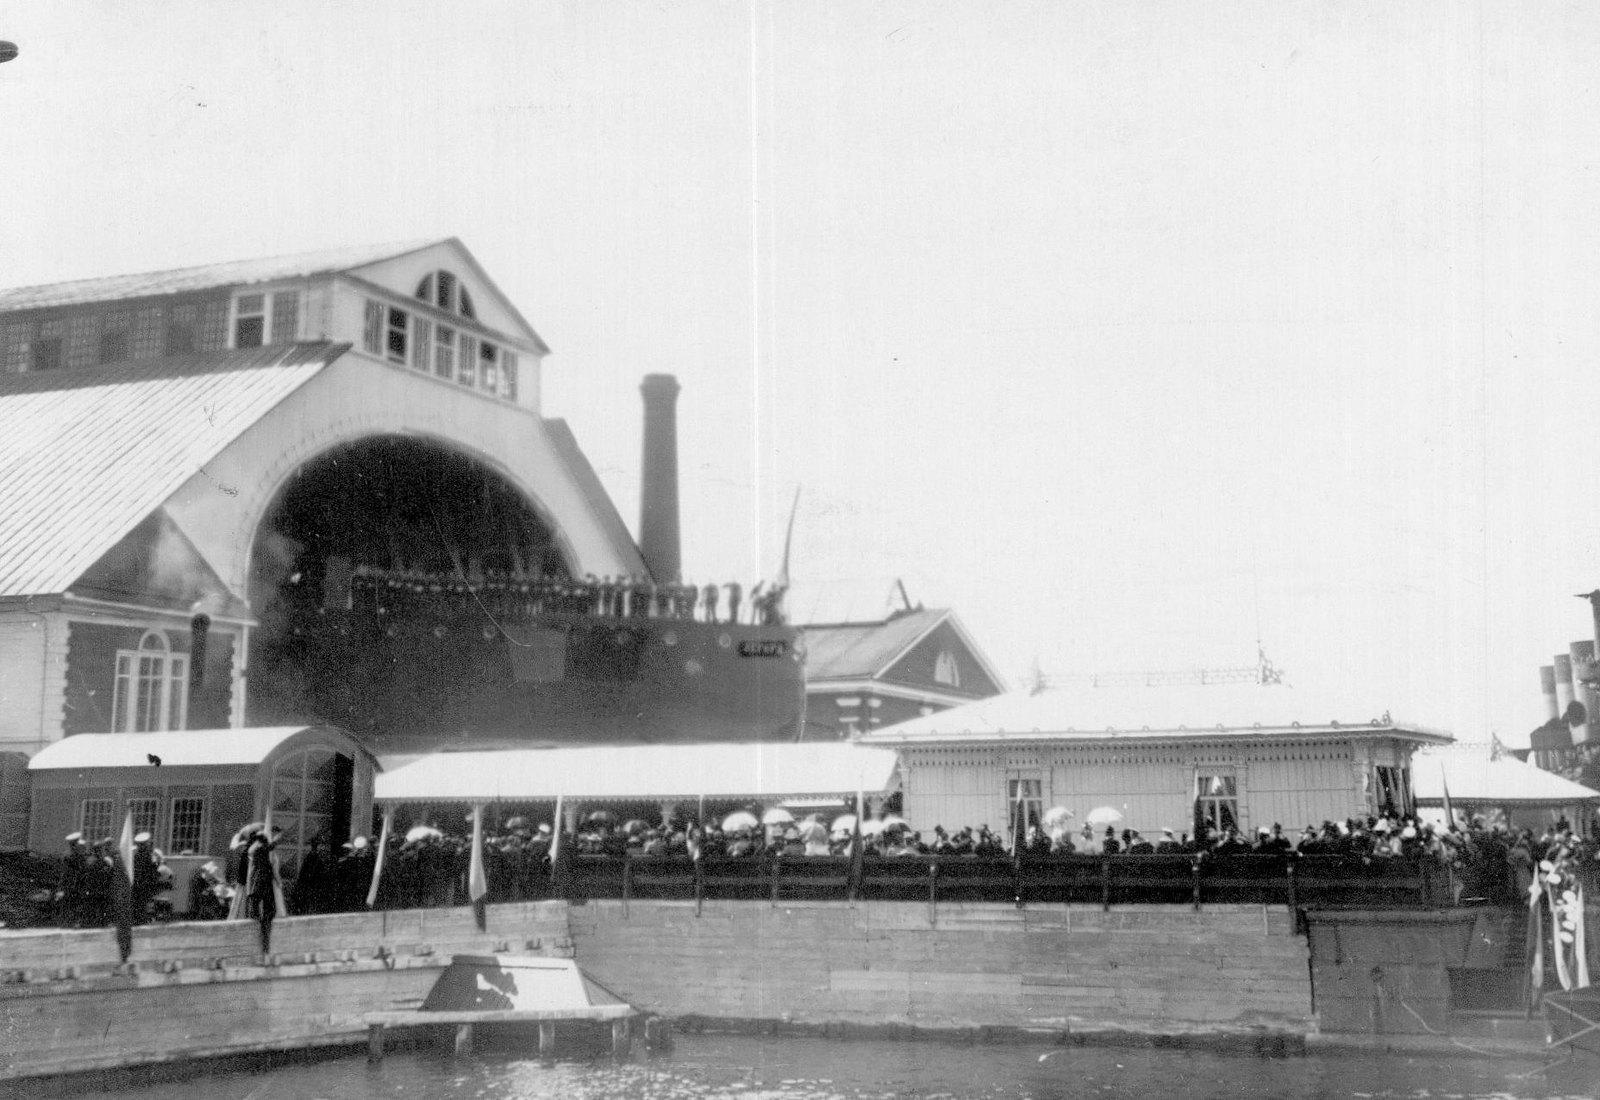 1900. Спуск на воду крейсера «Аврора» на верфи «Новое Адмиралтейство». 11 мая